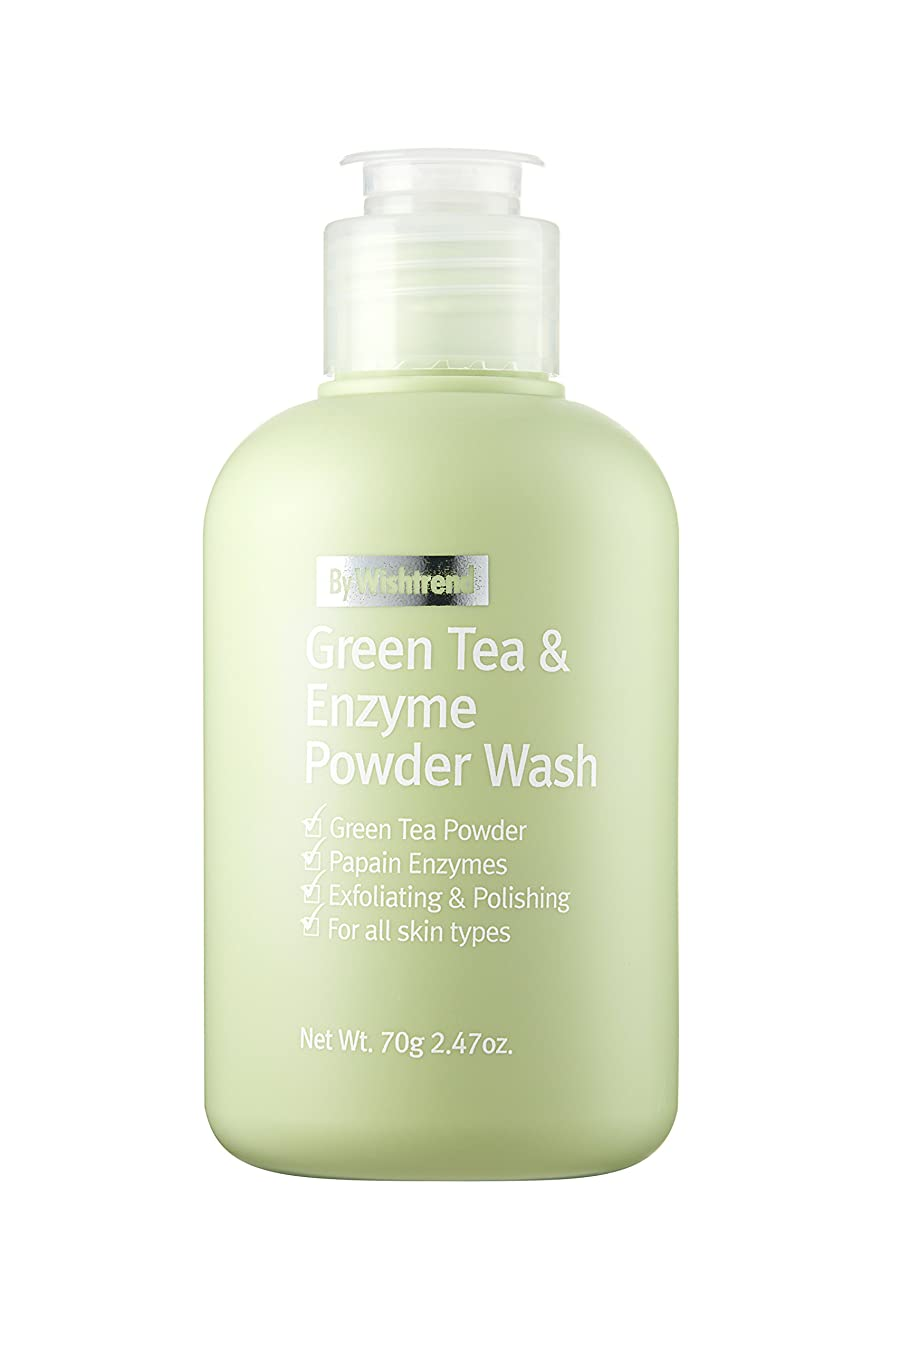 とお勧め奇跡BY WISHTREND(バイ?ウィッシュトレンド) グリーンティー&エンザイム?パウダーウォッシュ, Green Tea & enzyme Powder Wash 70g [並行輸入品]